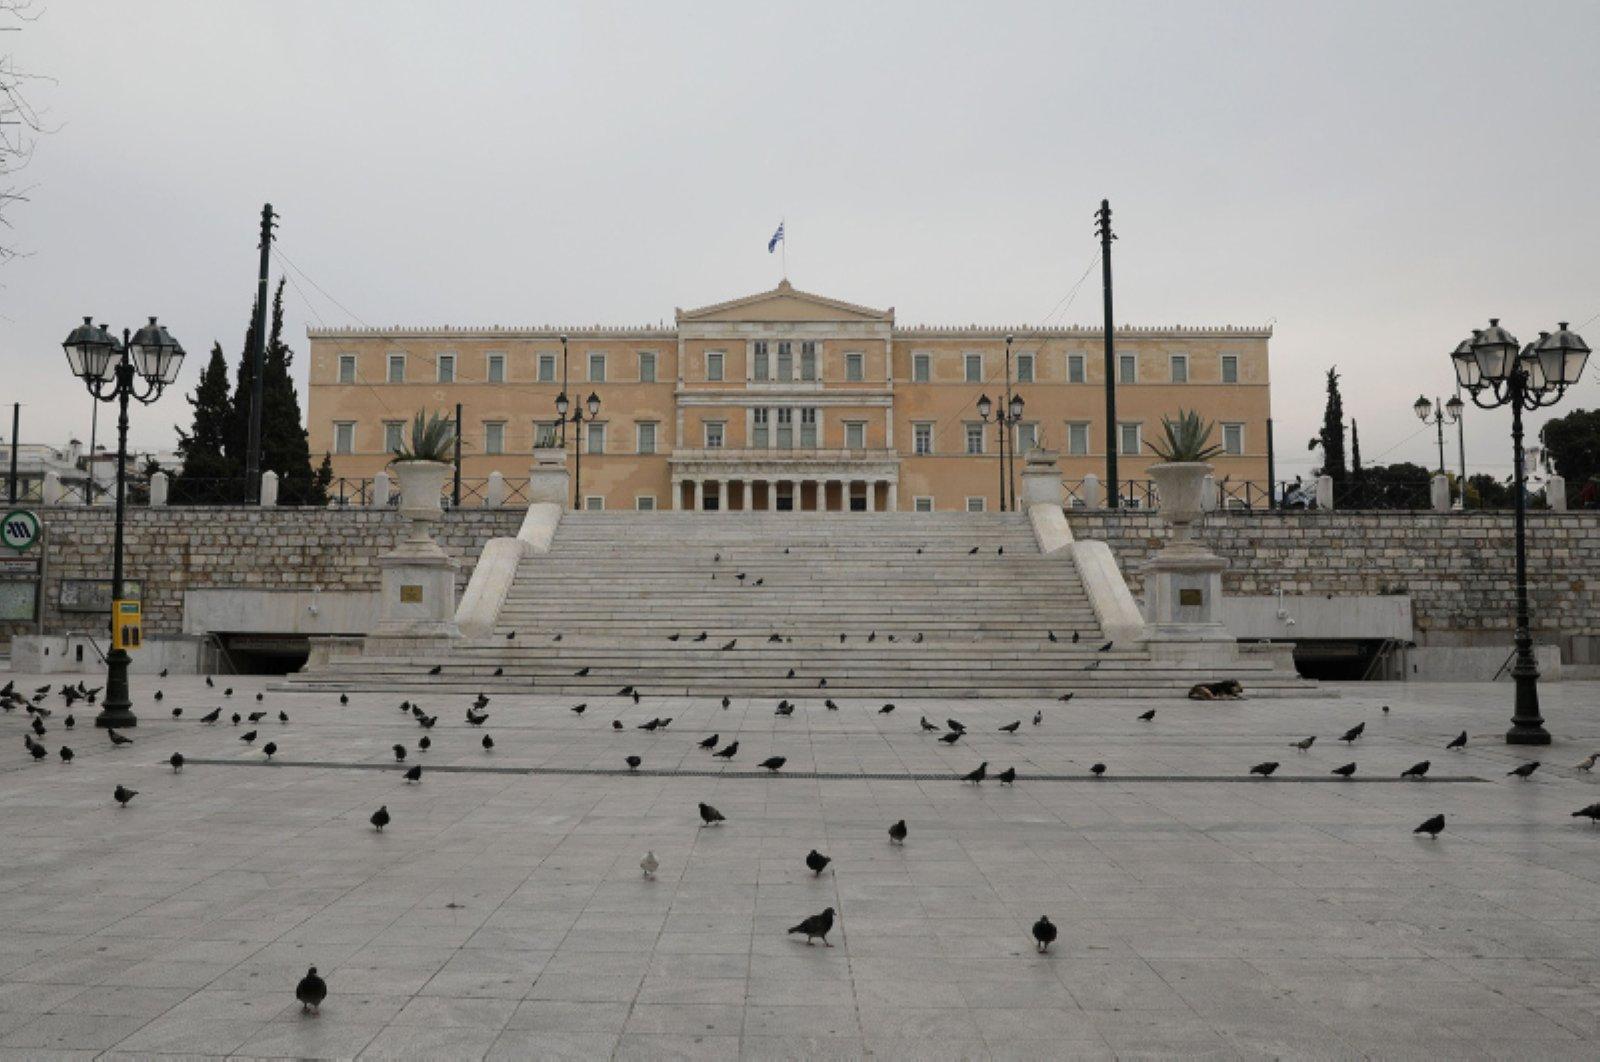 Ο Πρωθυπουργός ανακοίνωσε την πλήρη απαγόρευση κυκλοφορίας στην Ελλάδα